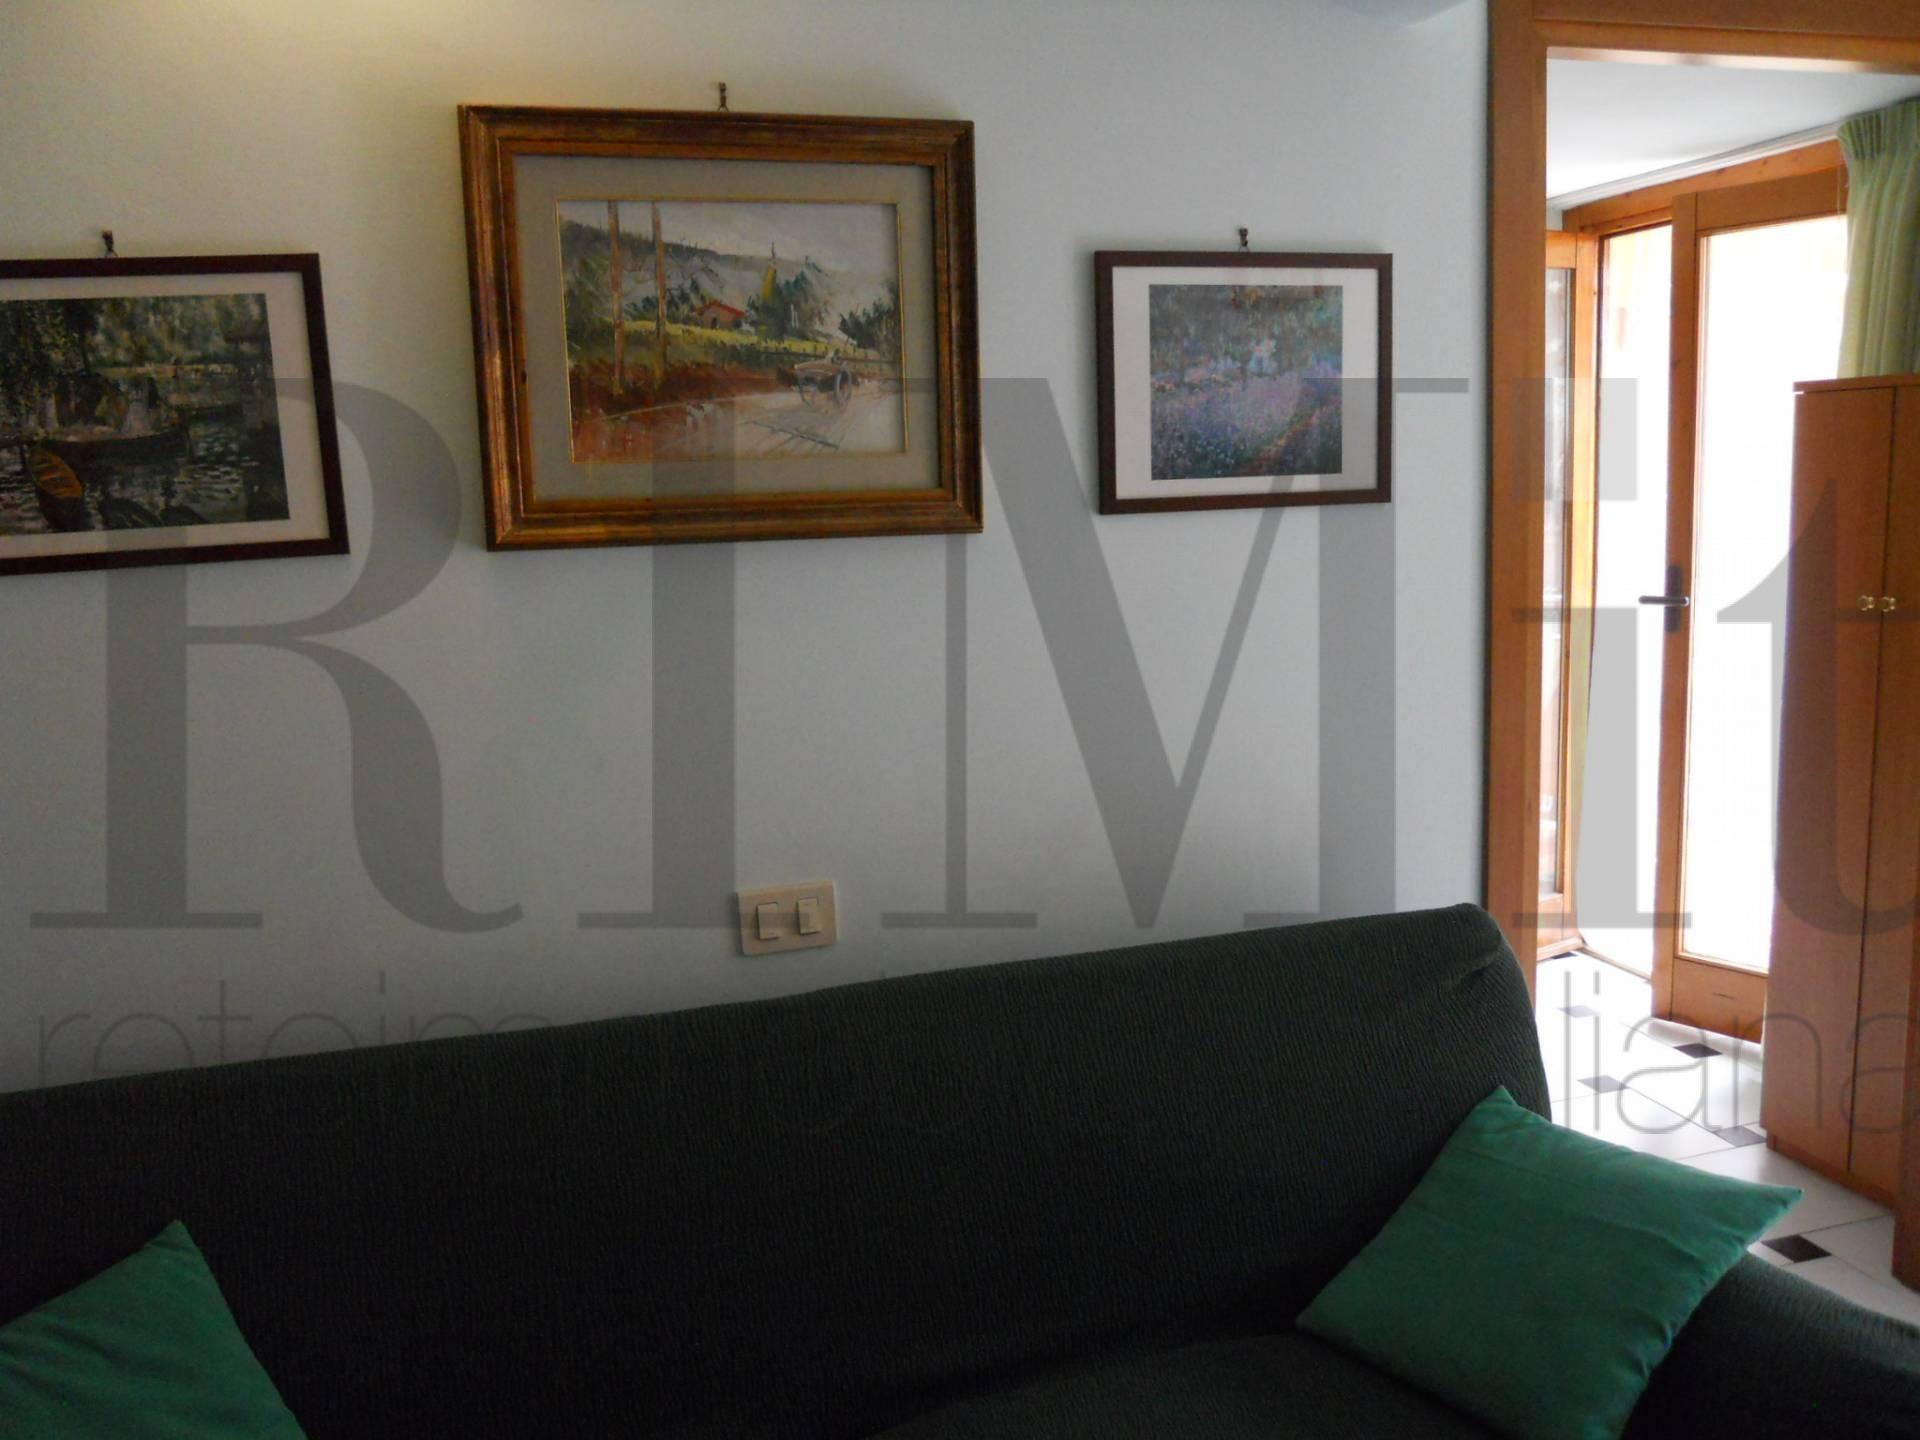 Appartamento in vendita a Loano, 2 locali, zona Località: ZonaOlivette, prezzo € 180.000   CambioCasa.it